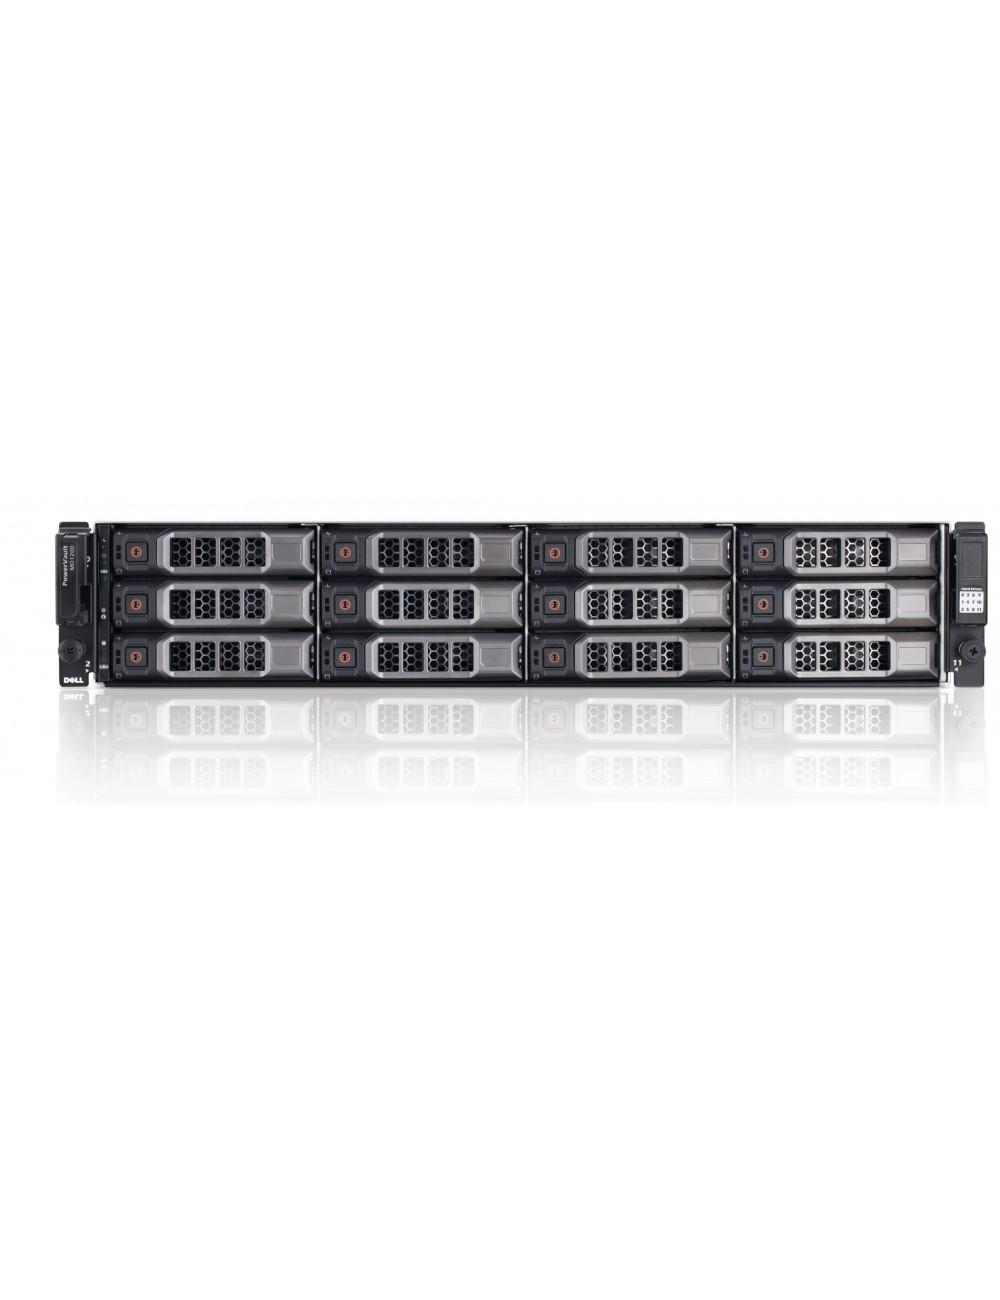 Dell PowerVault MD1200 - 6 x 4TB 7.2k SAS